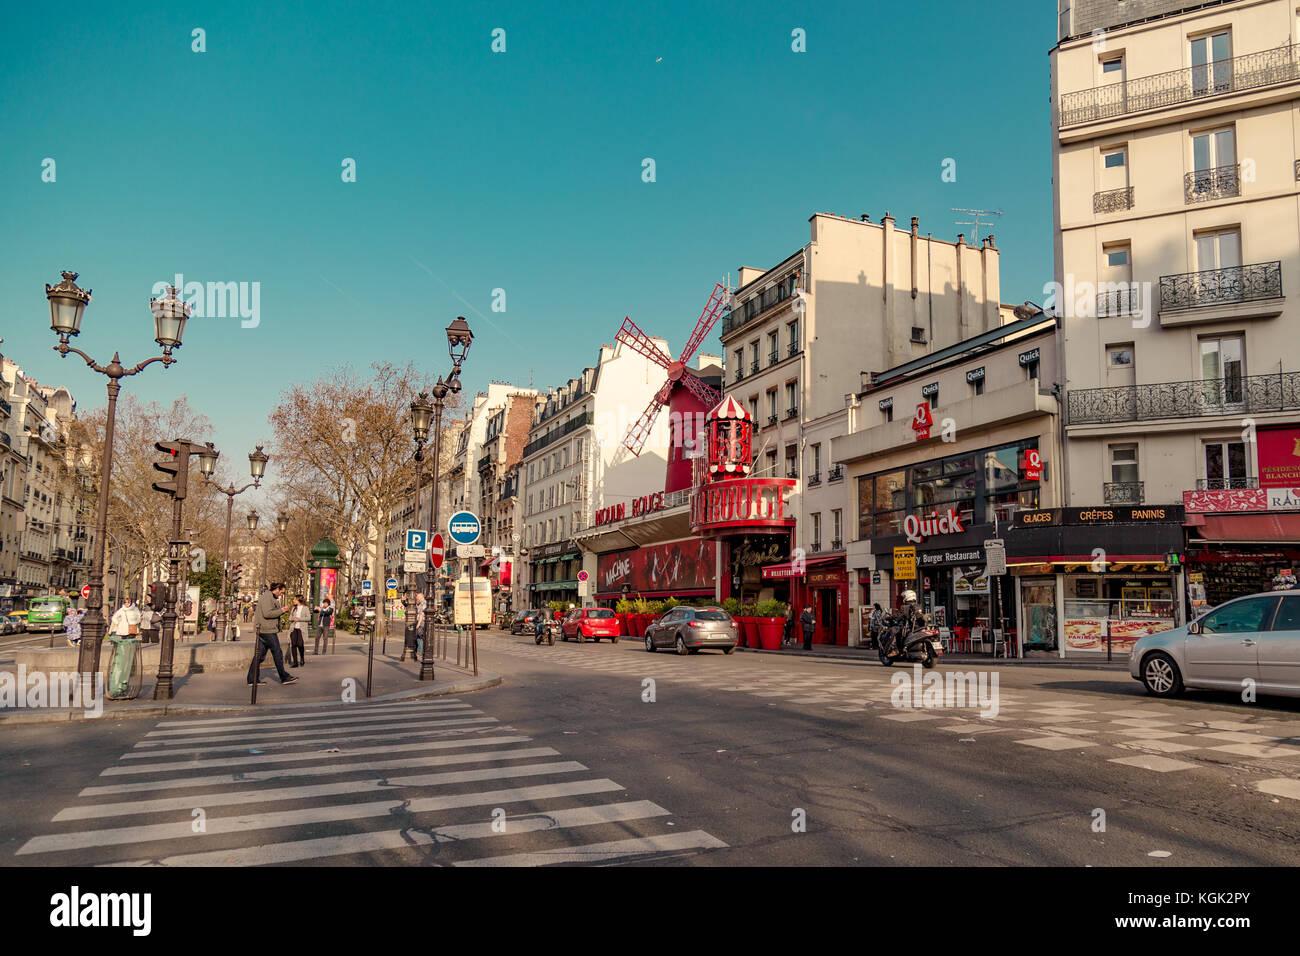 Paris, France, 31 mars 2017: moulin rouge est un cabaret construit en 1889, la localisation dans paris red-light Banque D'Images